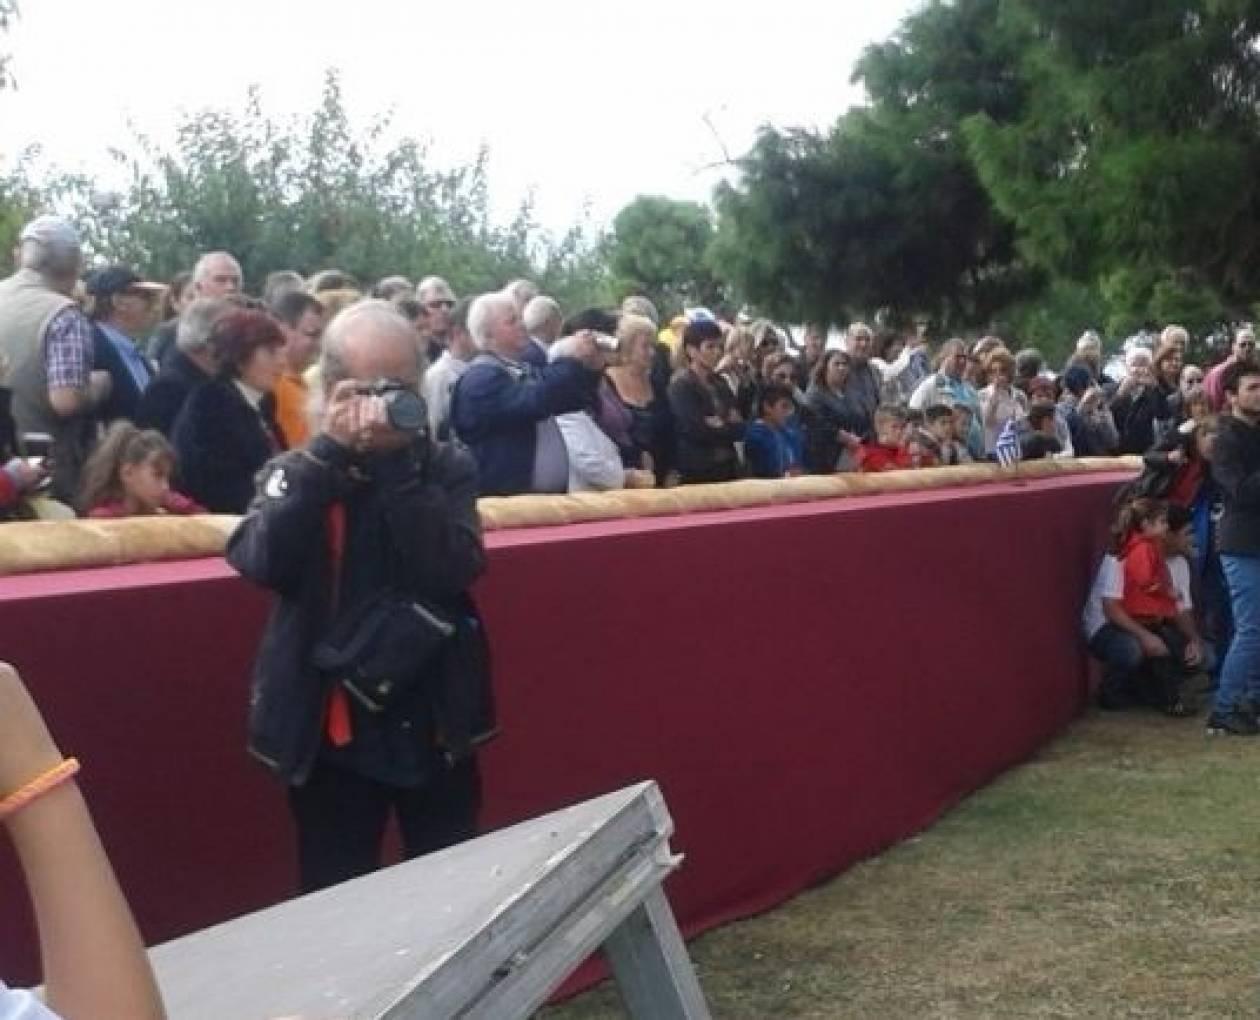 Θεσσαλονίκη: Αυτό είναι το μεγαλύτερο κουλούρι που ψήθηκε ποτέ (pics)